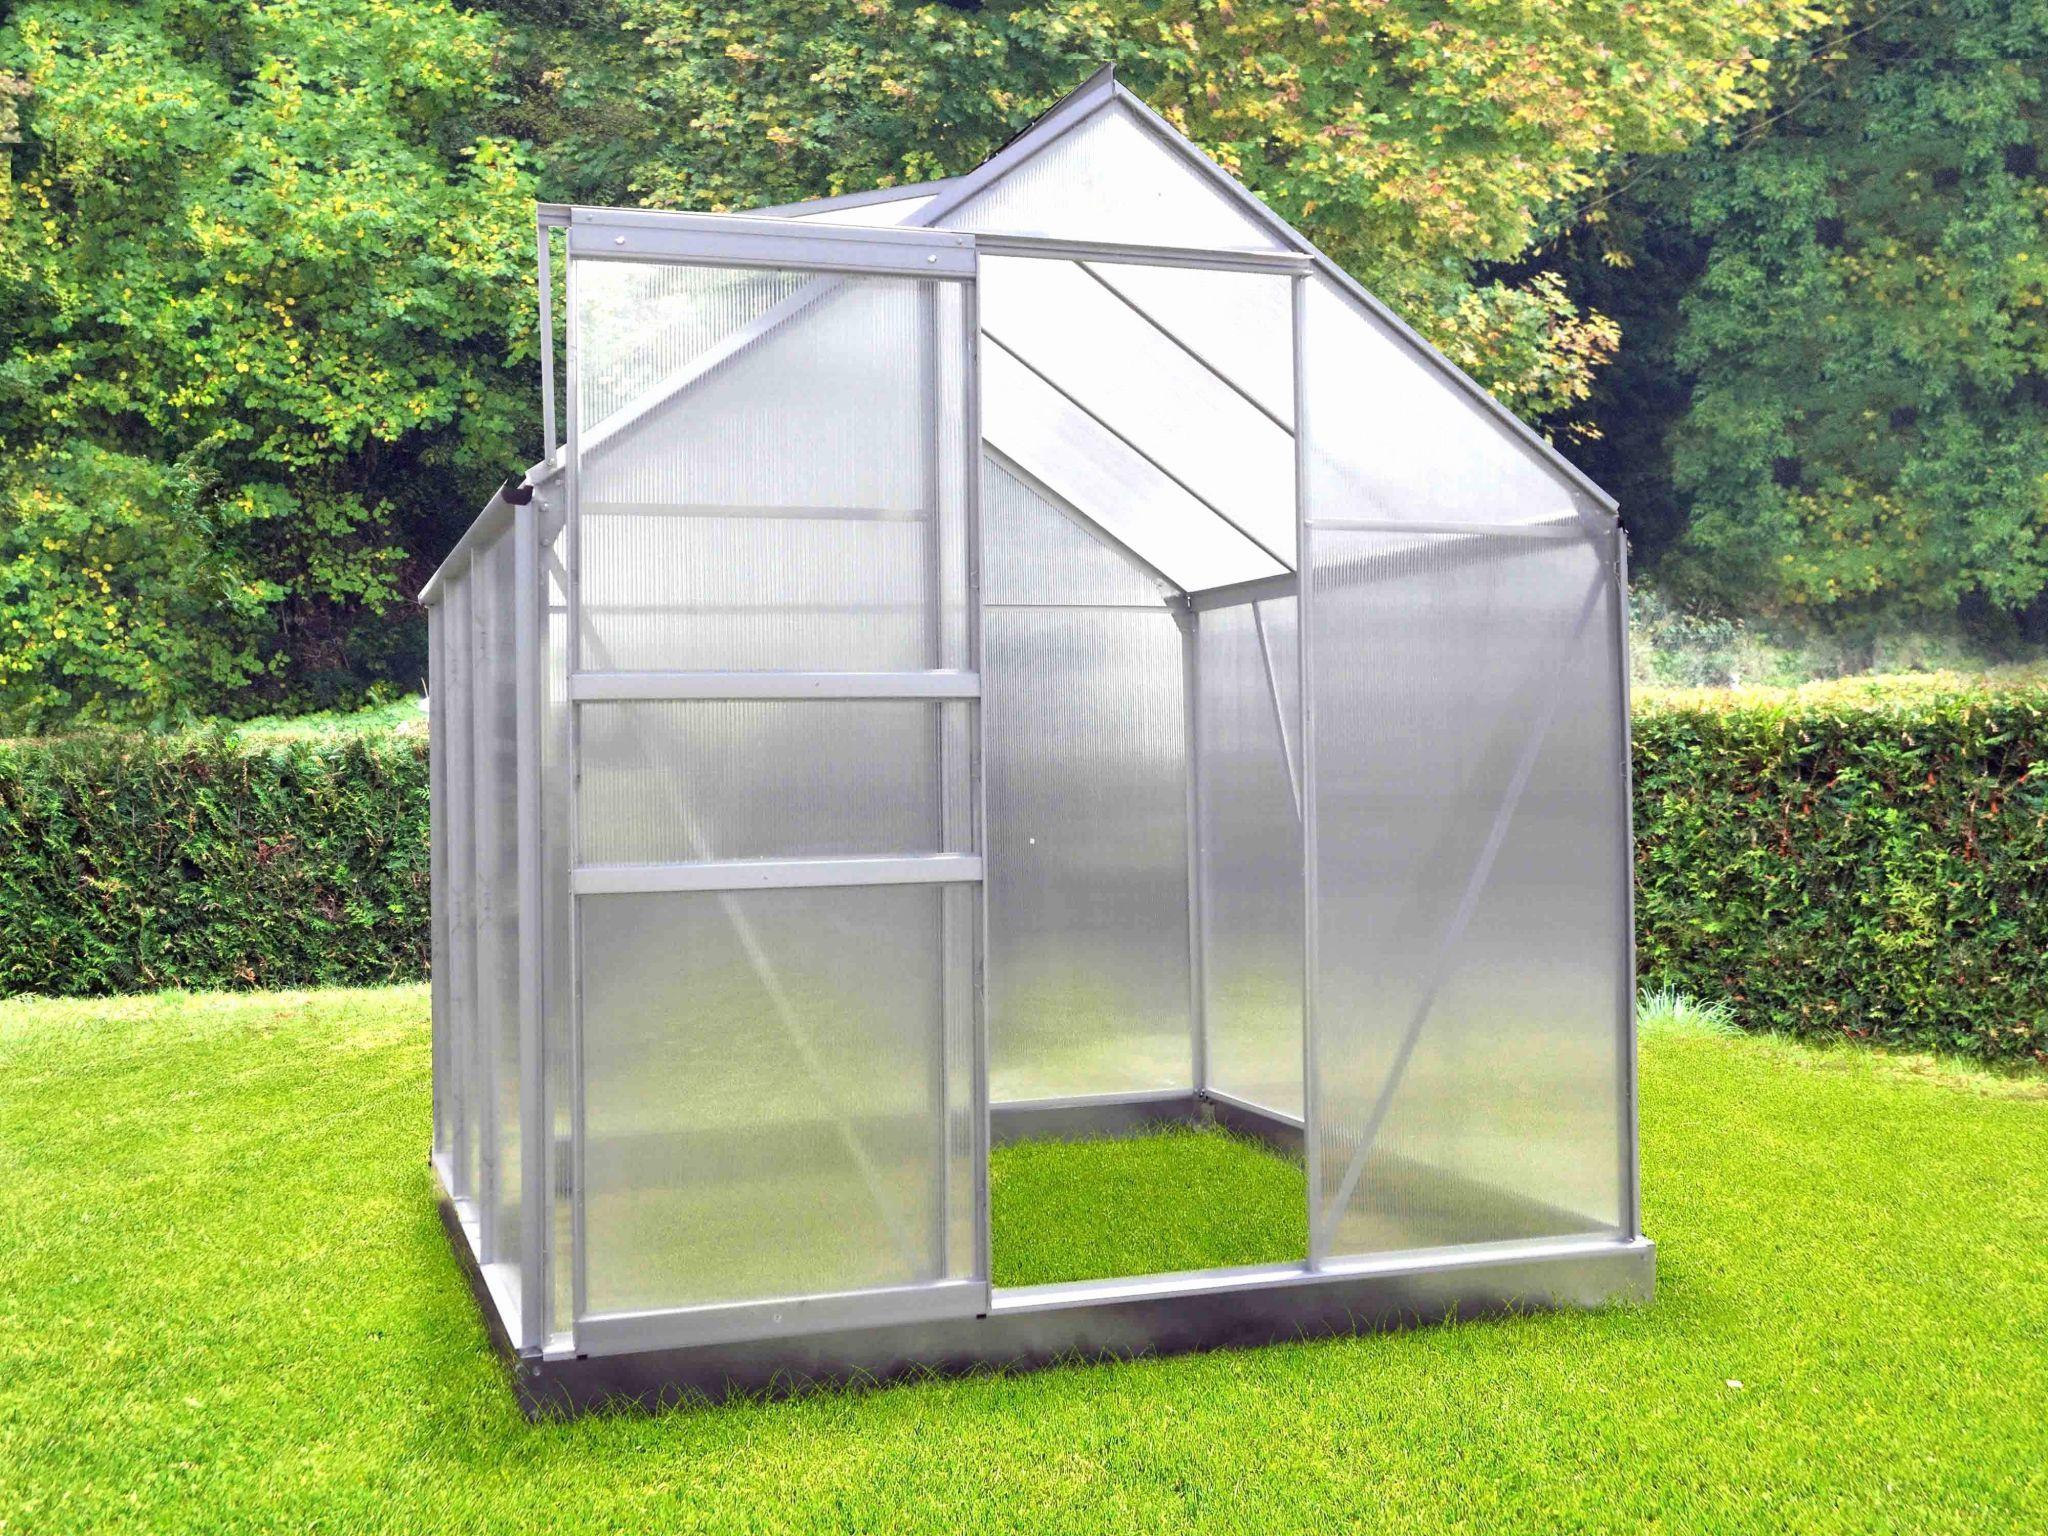 Download Serre De Jardin Polycarbonate Inspirational Serre ... dedans Serre De Jardin Brico Depot